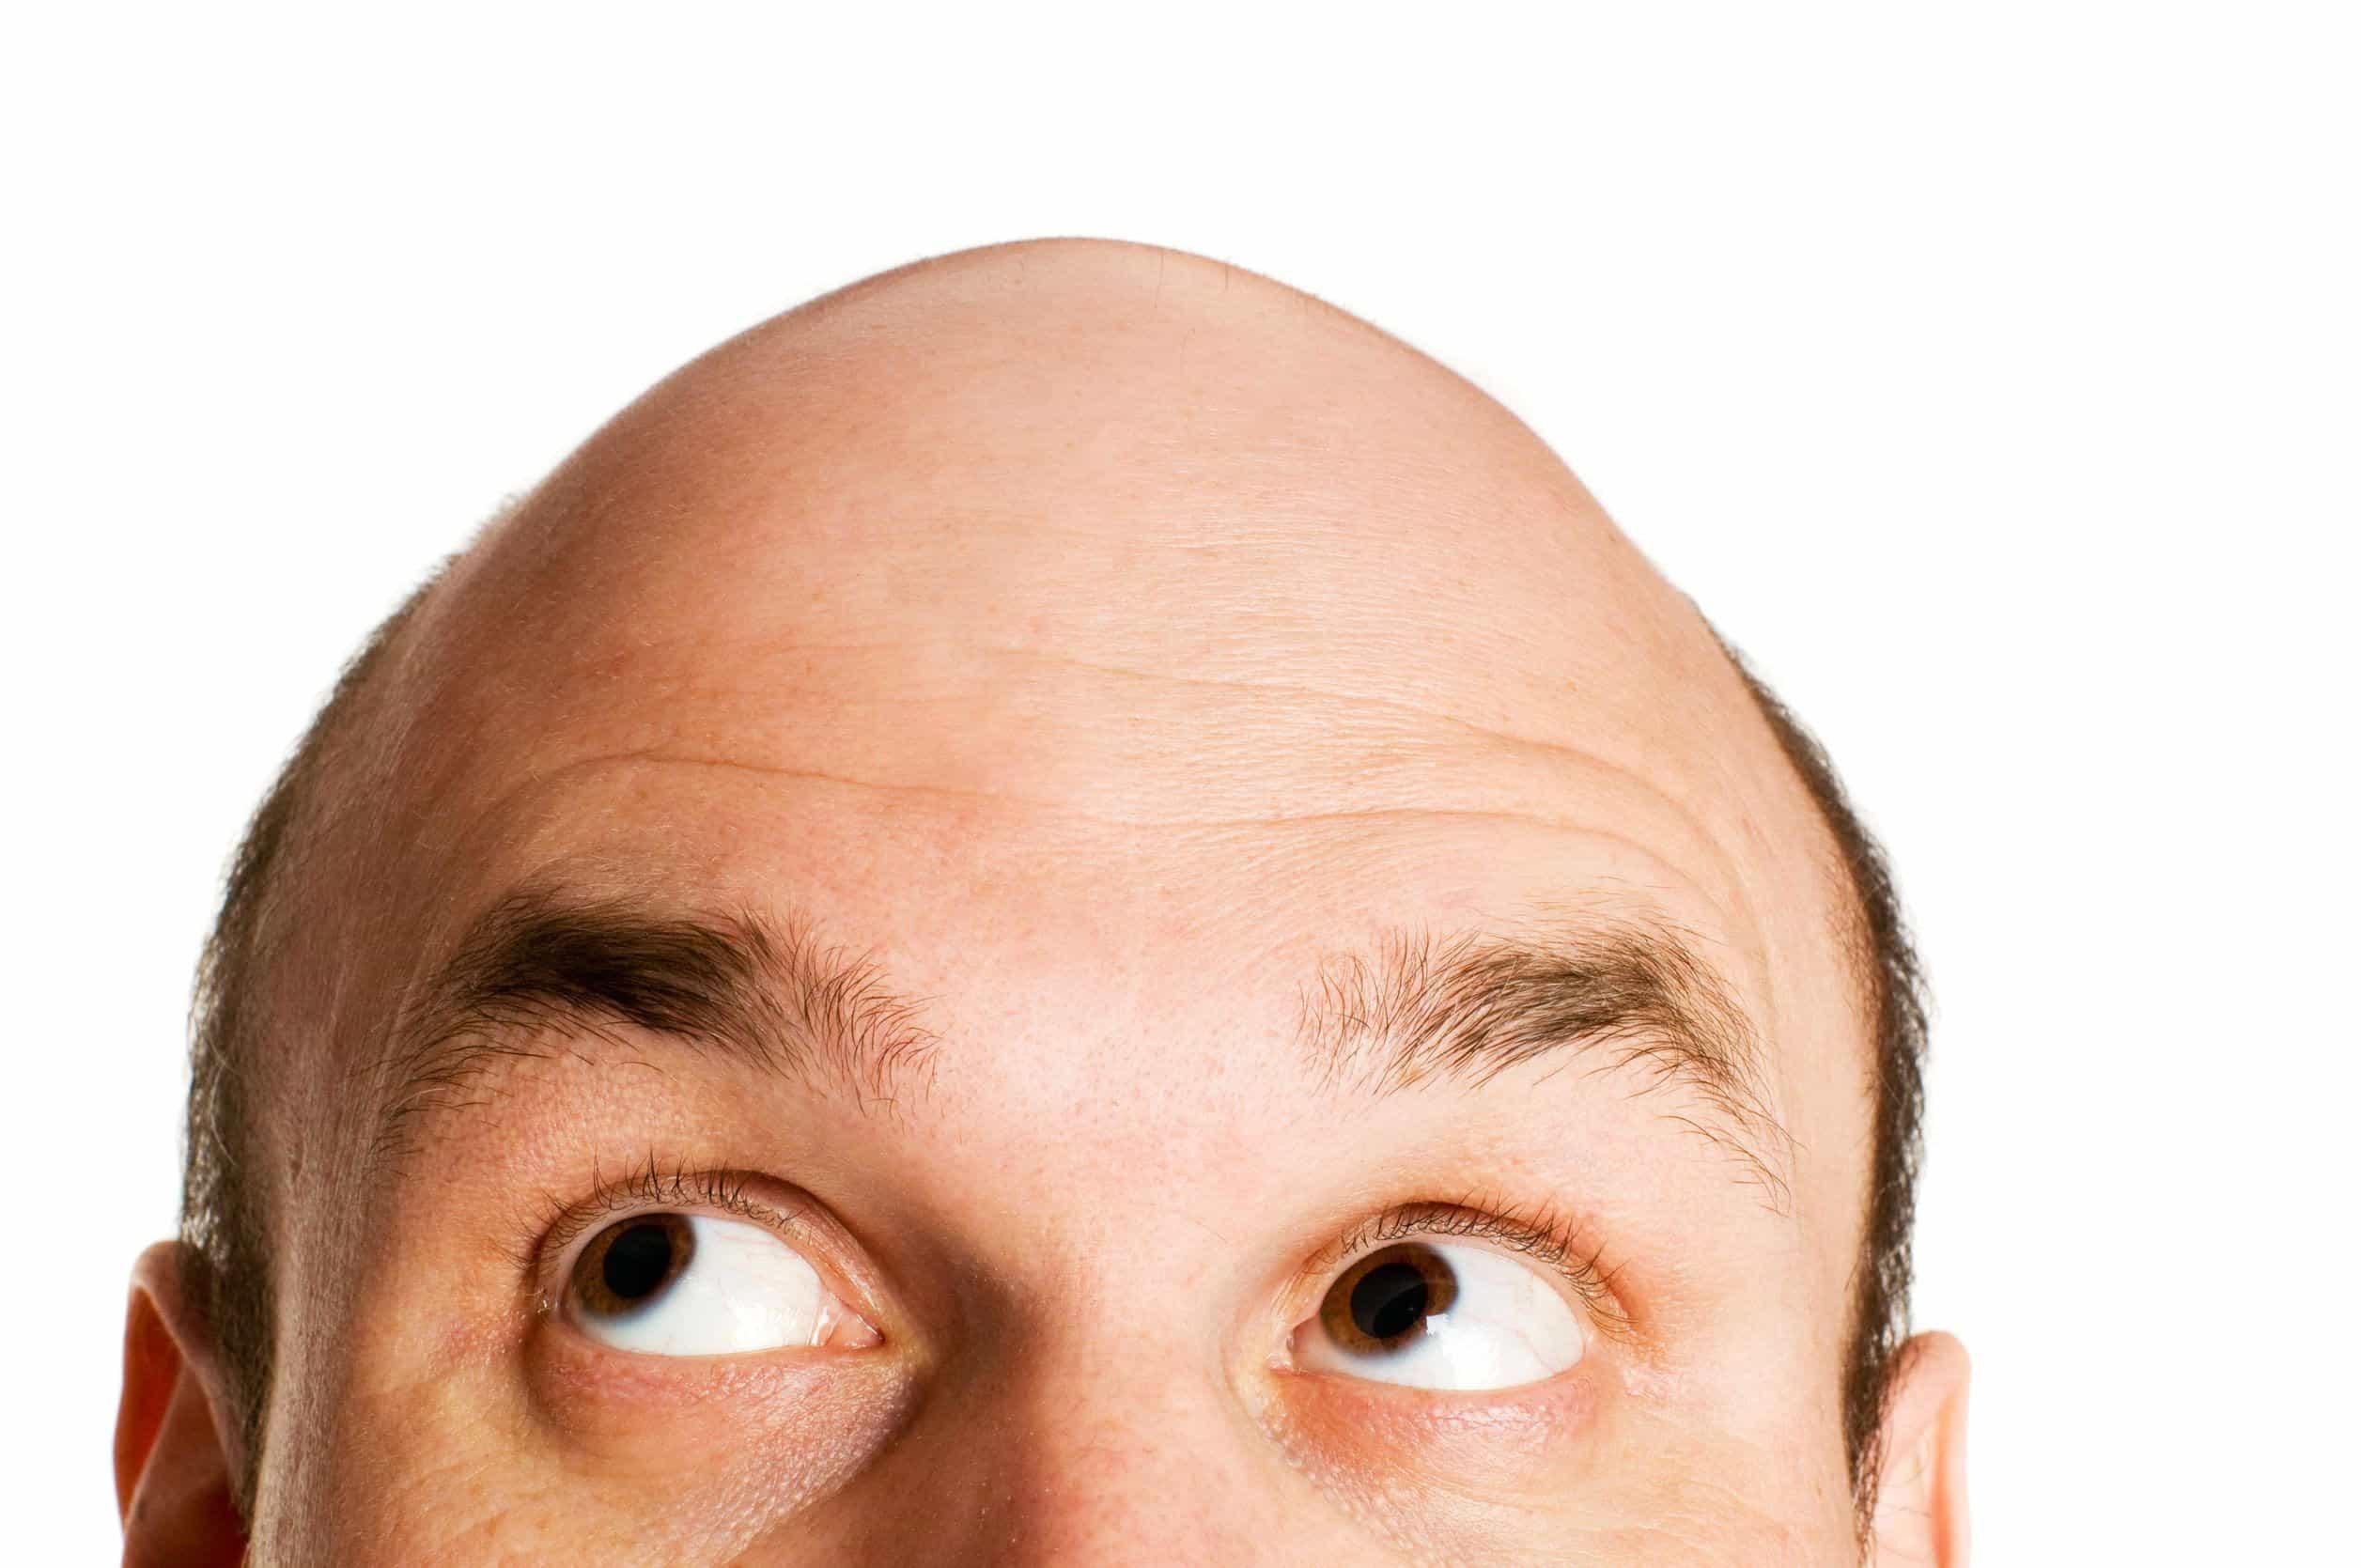 hairfall treatments